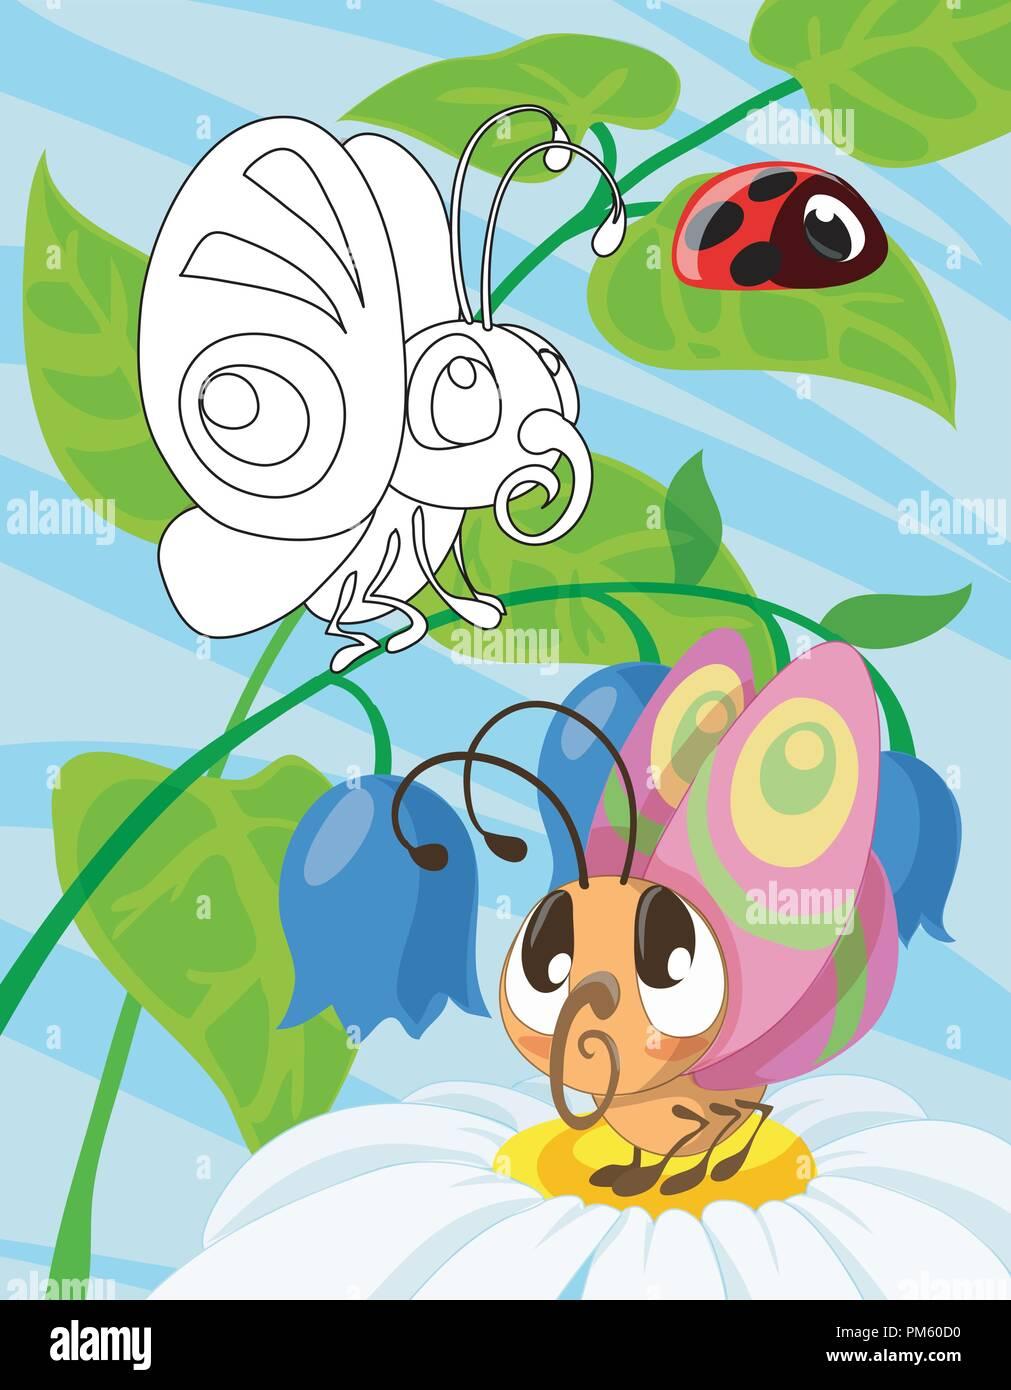 Dibujos Animados De Bebé Imágenes De Stock Dibujos Animados De